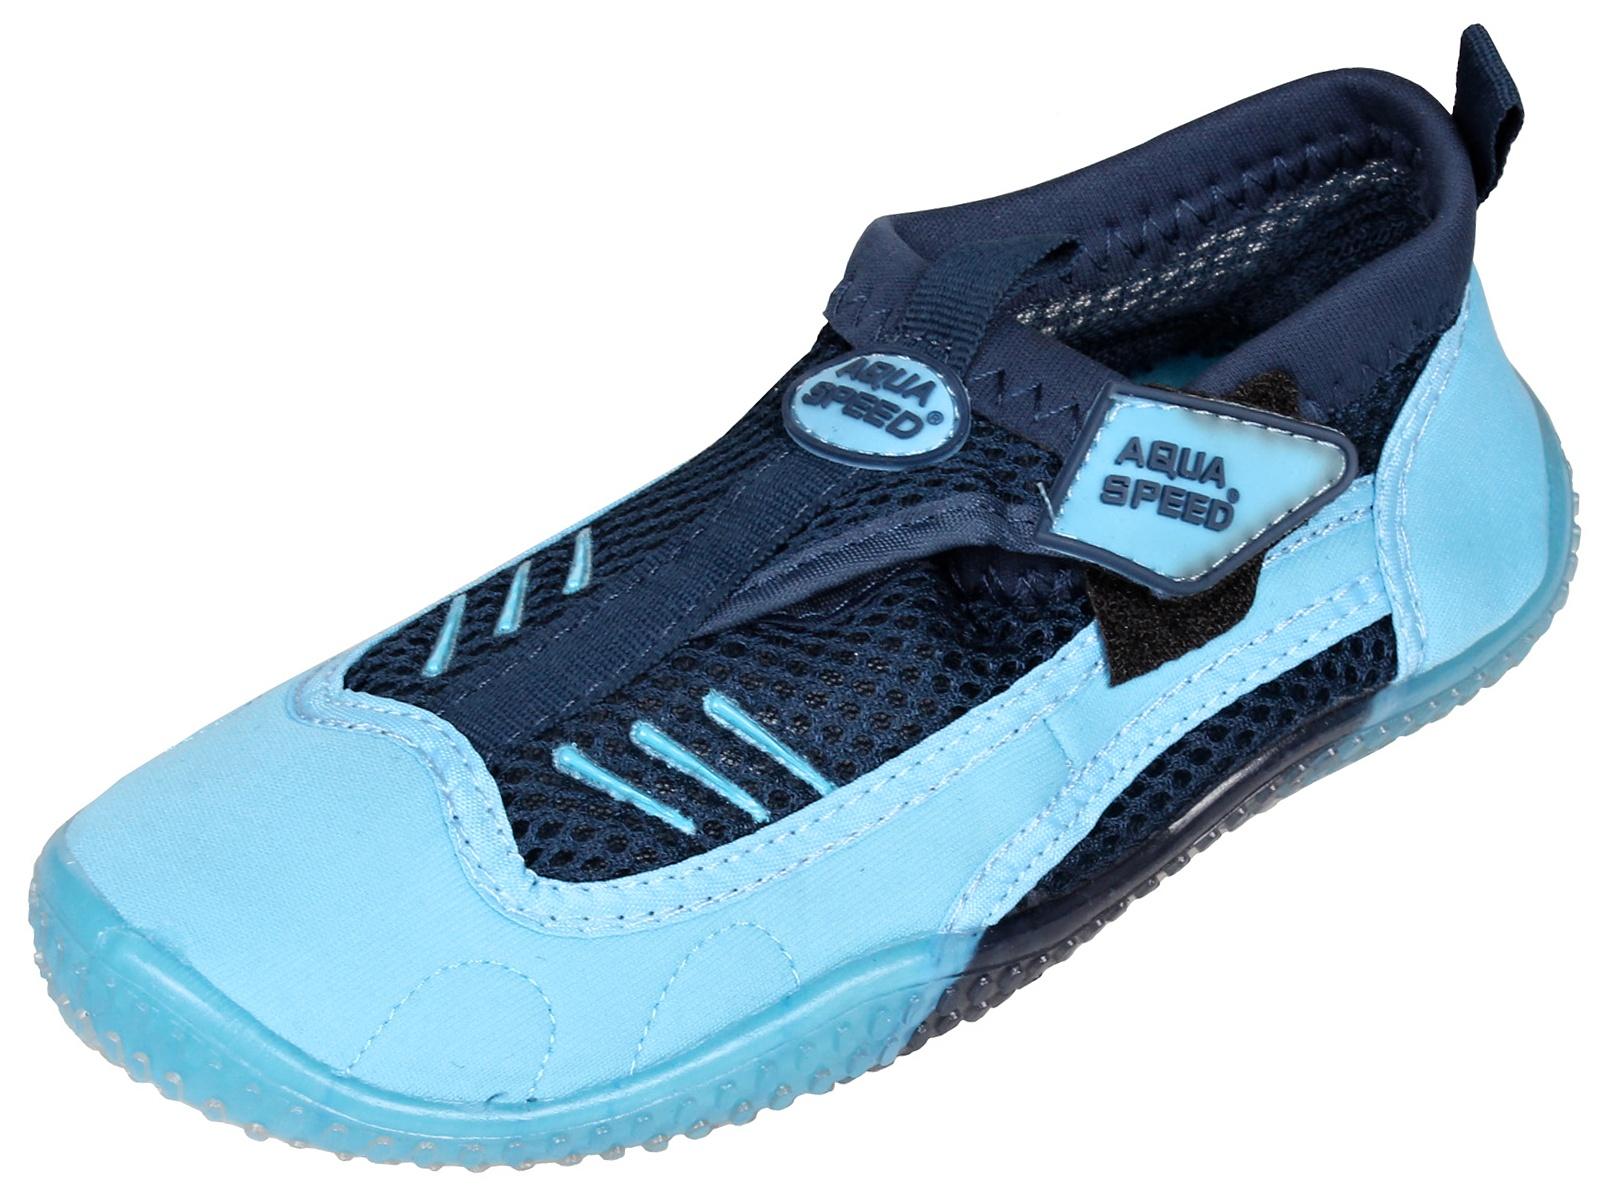 Topánky do vody AQUA-SPEED 7A modré - veľ. 44